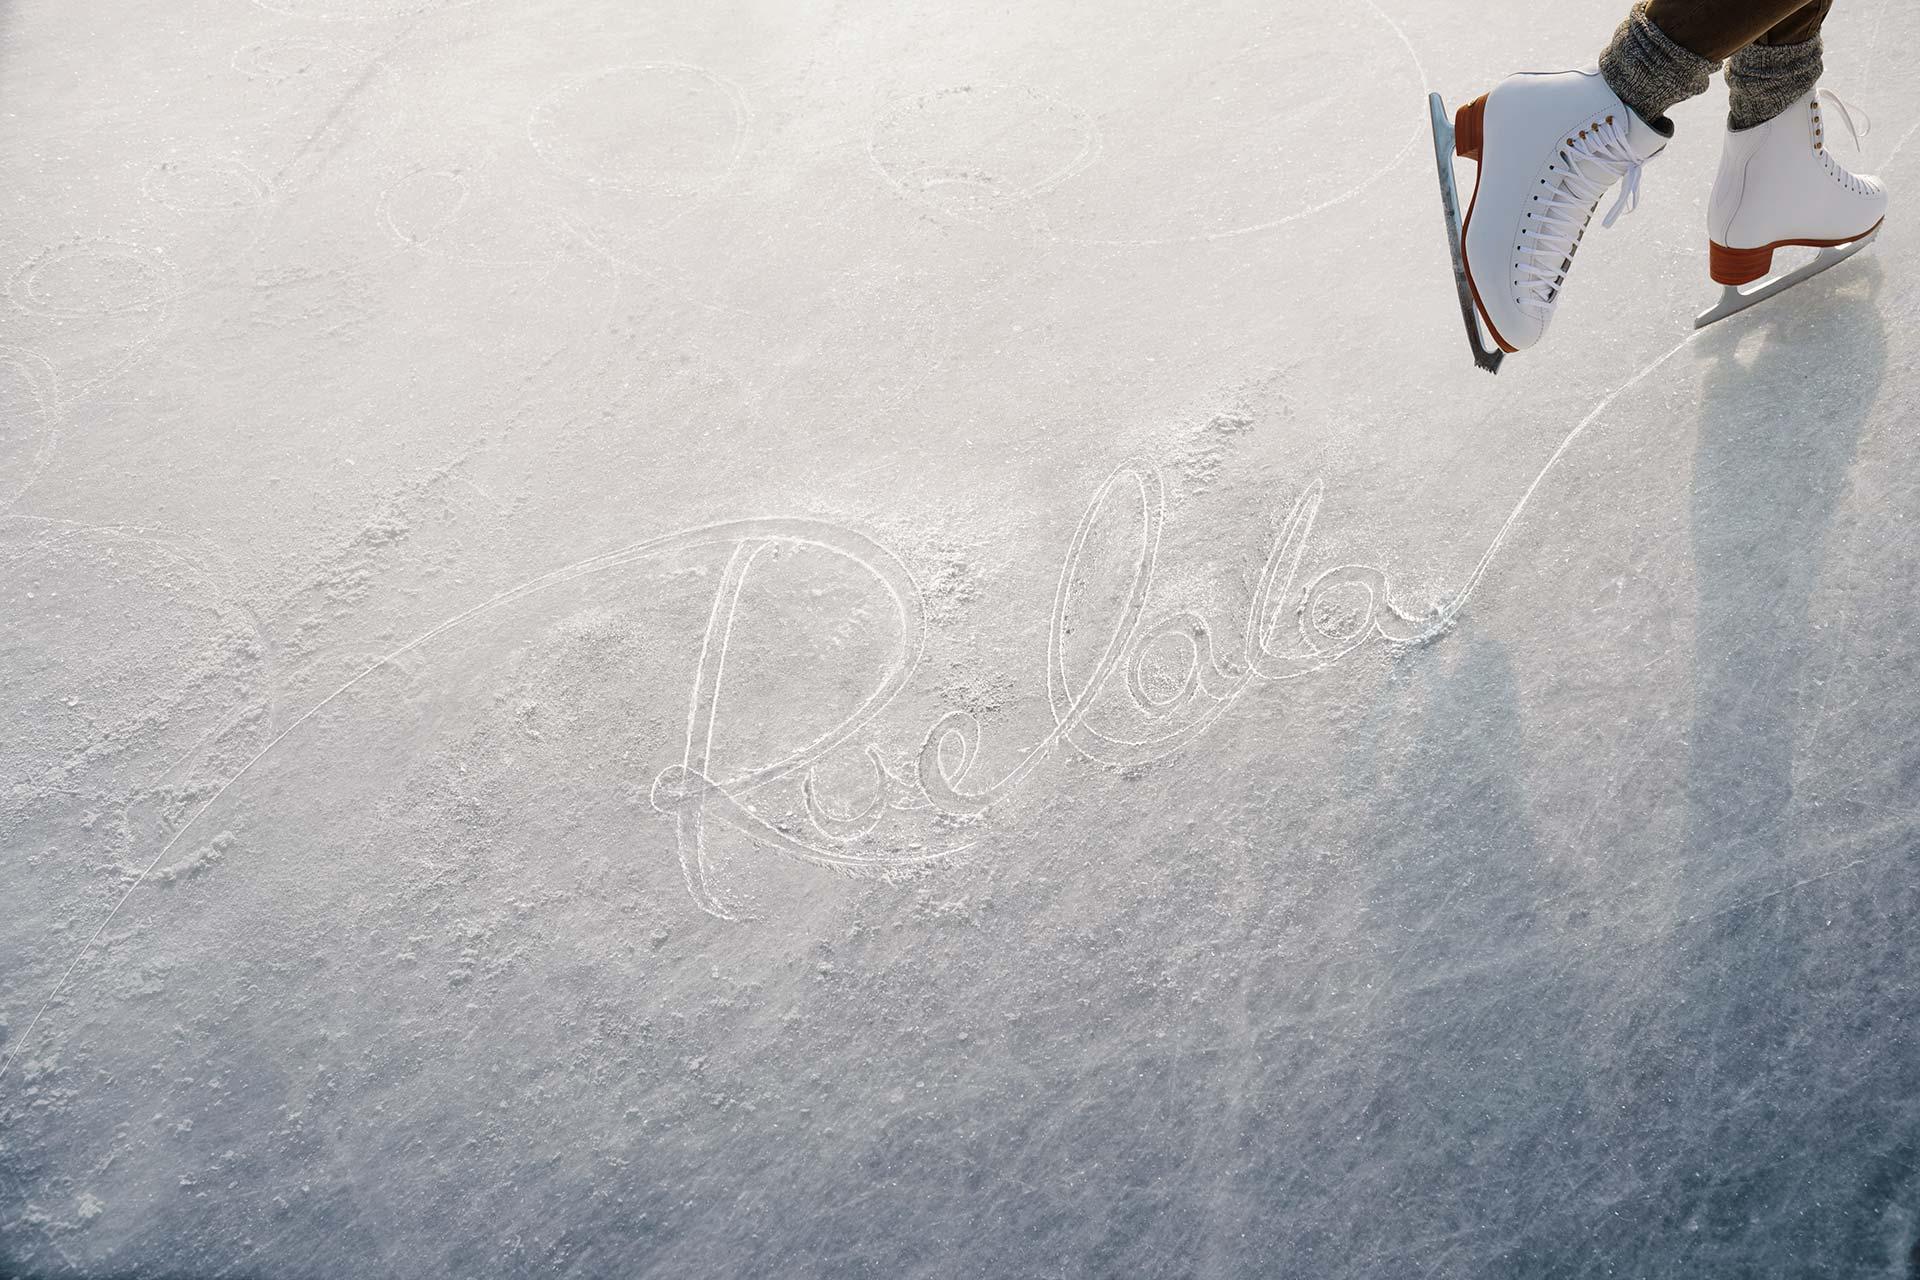 6064_Rue_Skating_08k_josh.jpg